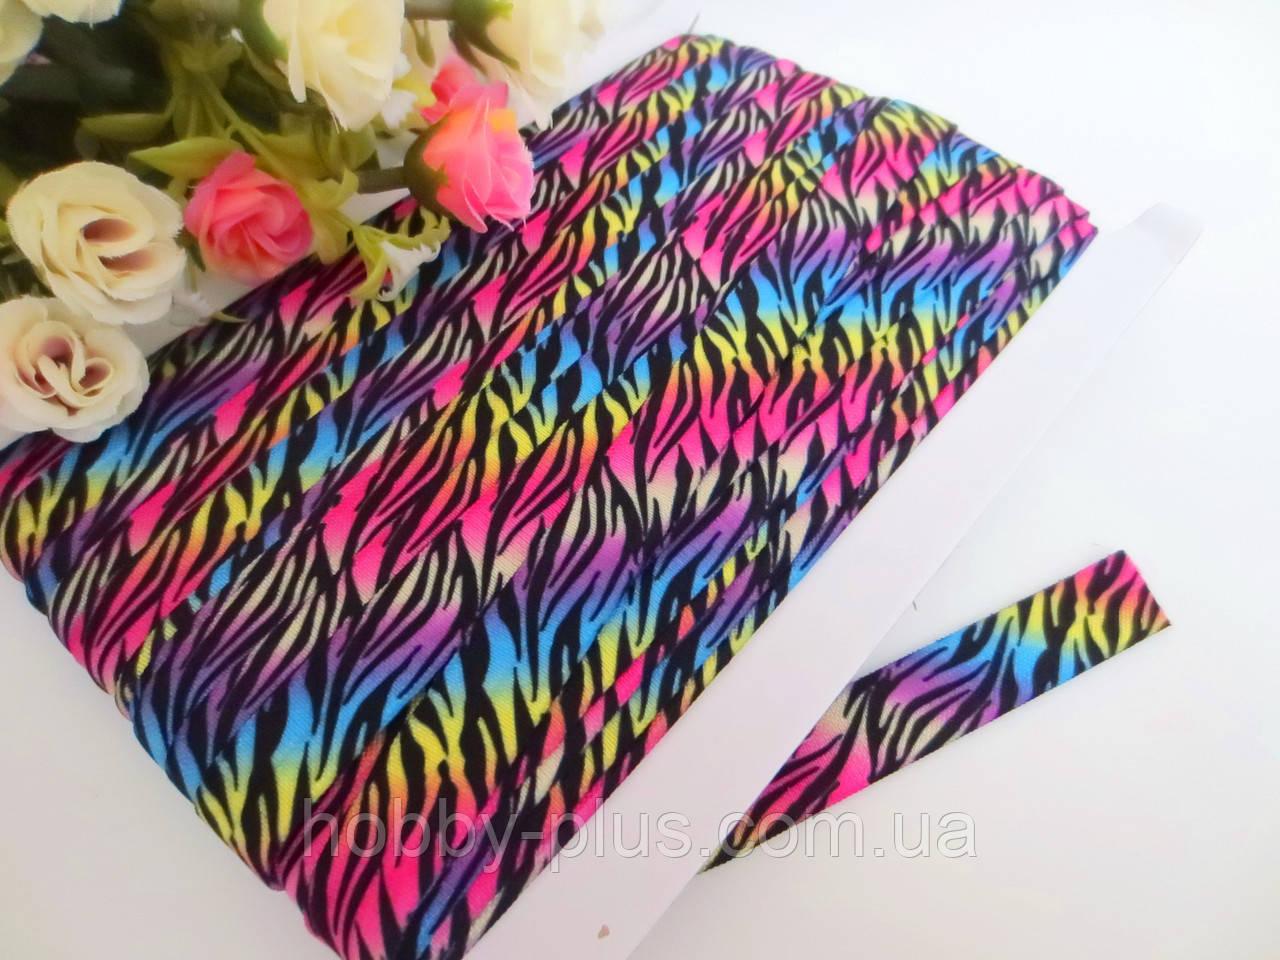 Бейка-резинка для повязок, цвет разноцветное омбре с черными полосами, 15 мм